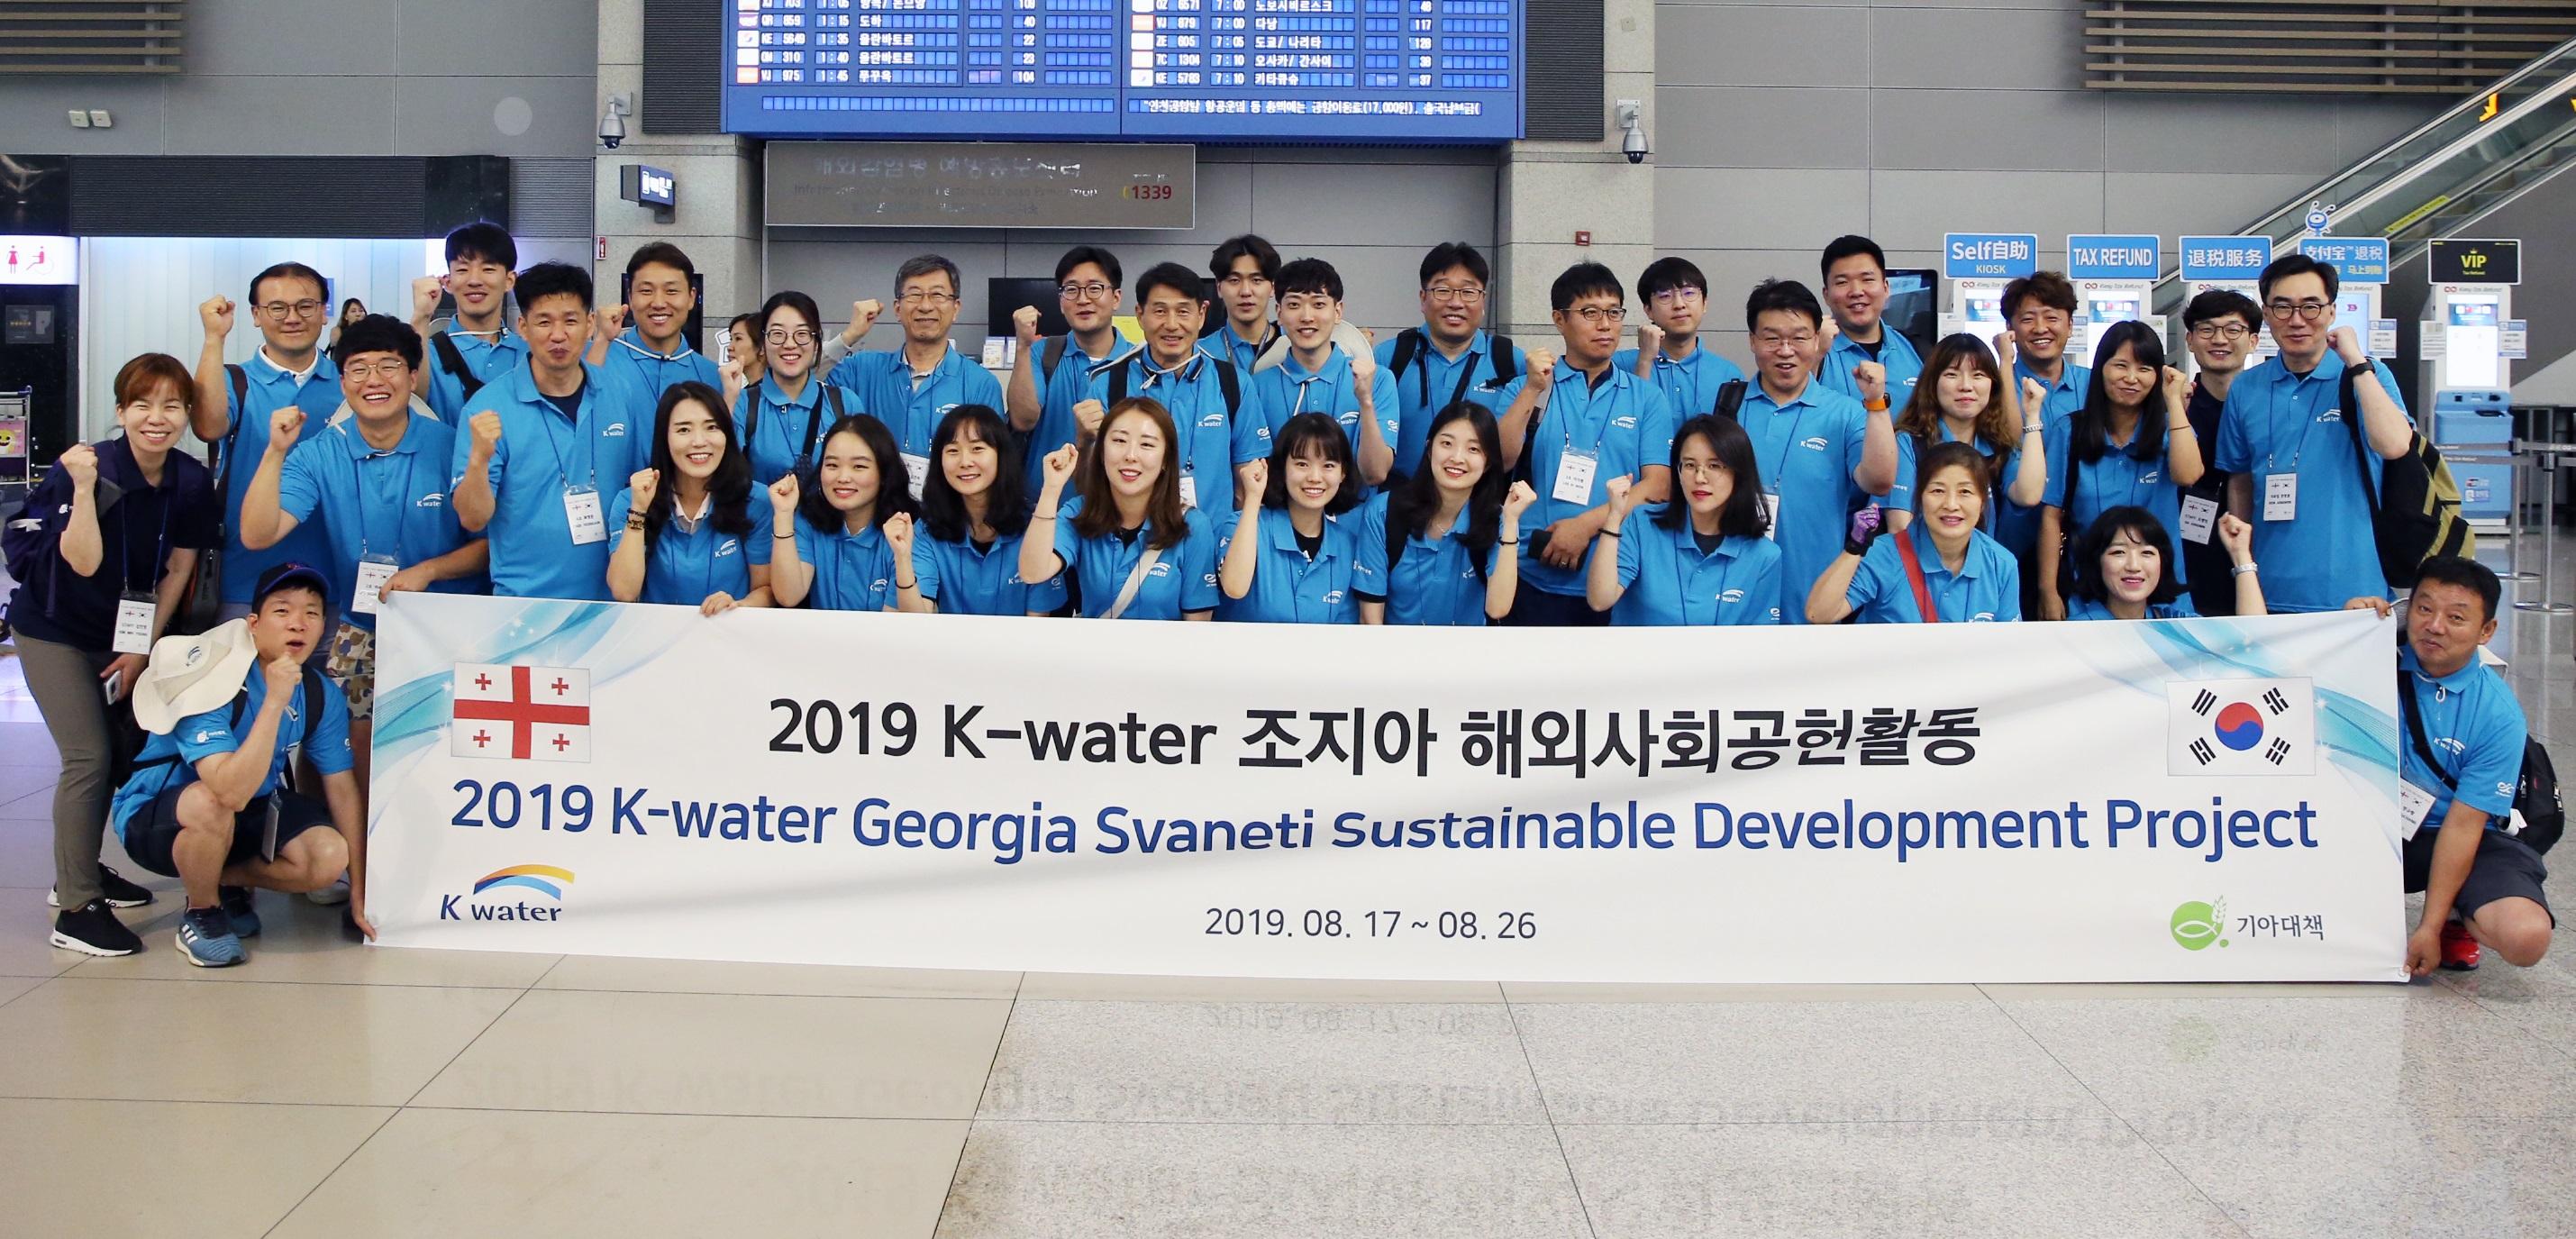 한국수자원공사, 물 이용 환경 개선 위한 해외사회공헌활동